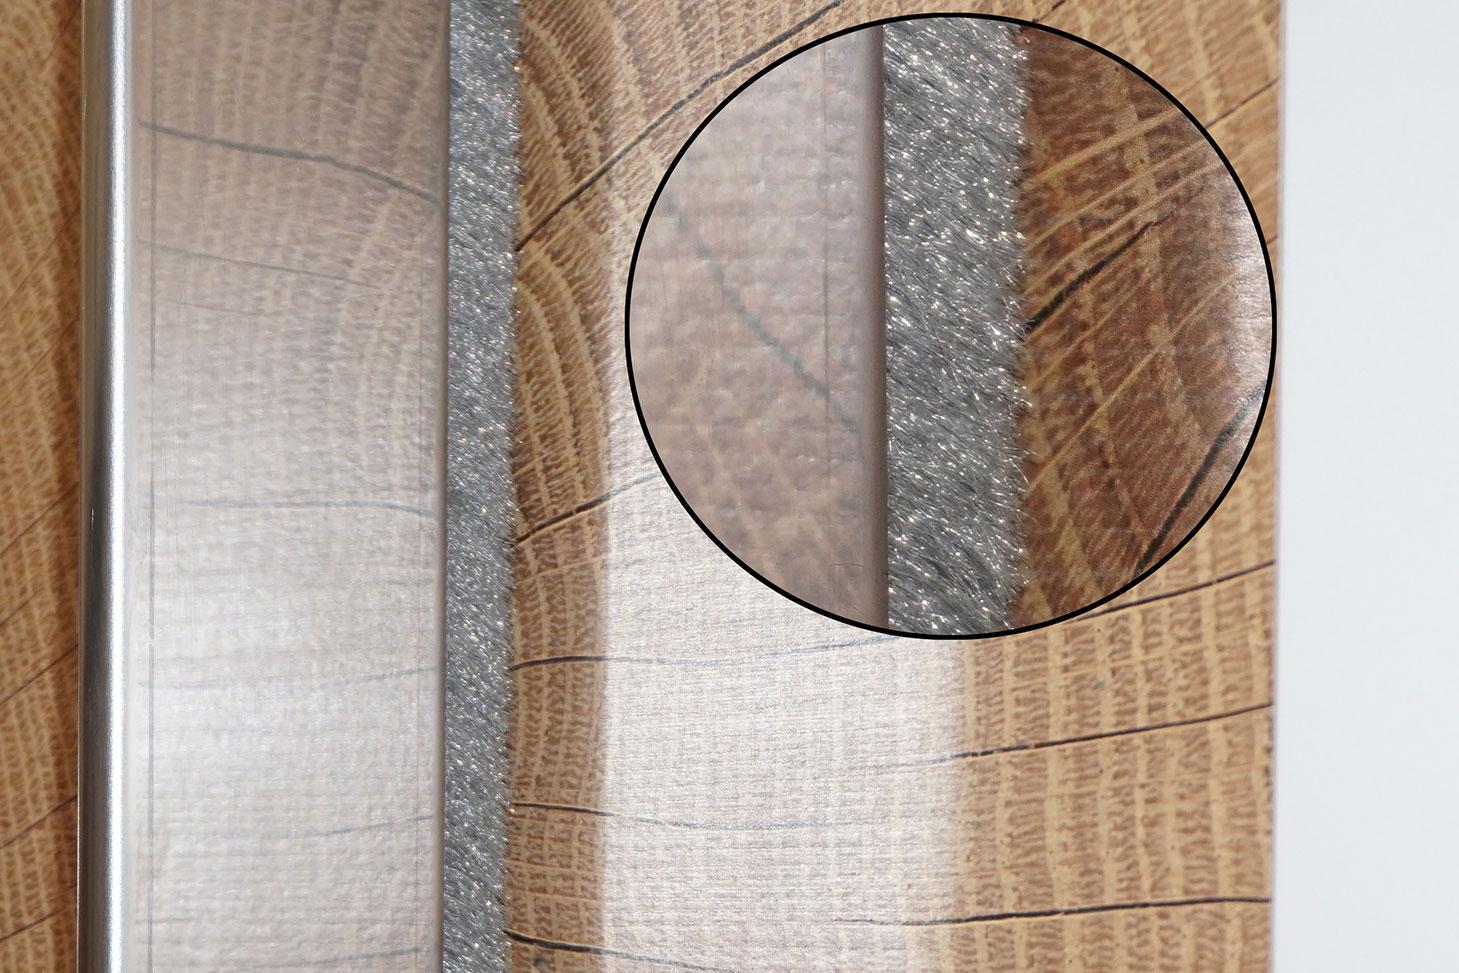 Möbelindustrie: Bürstendichtungen zwischen zwei Schiebetüren